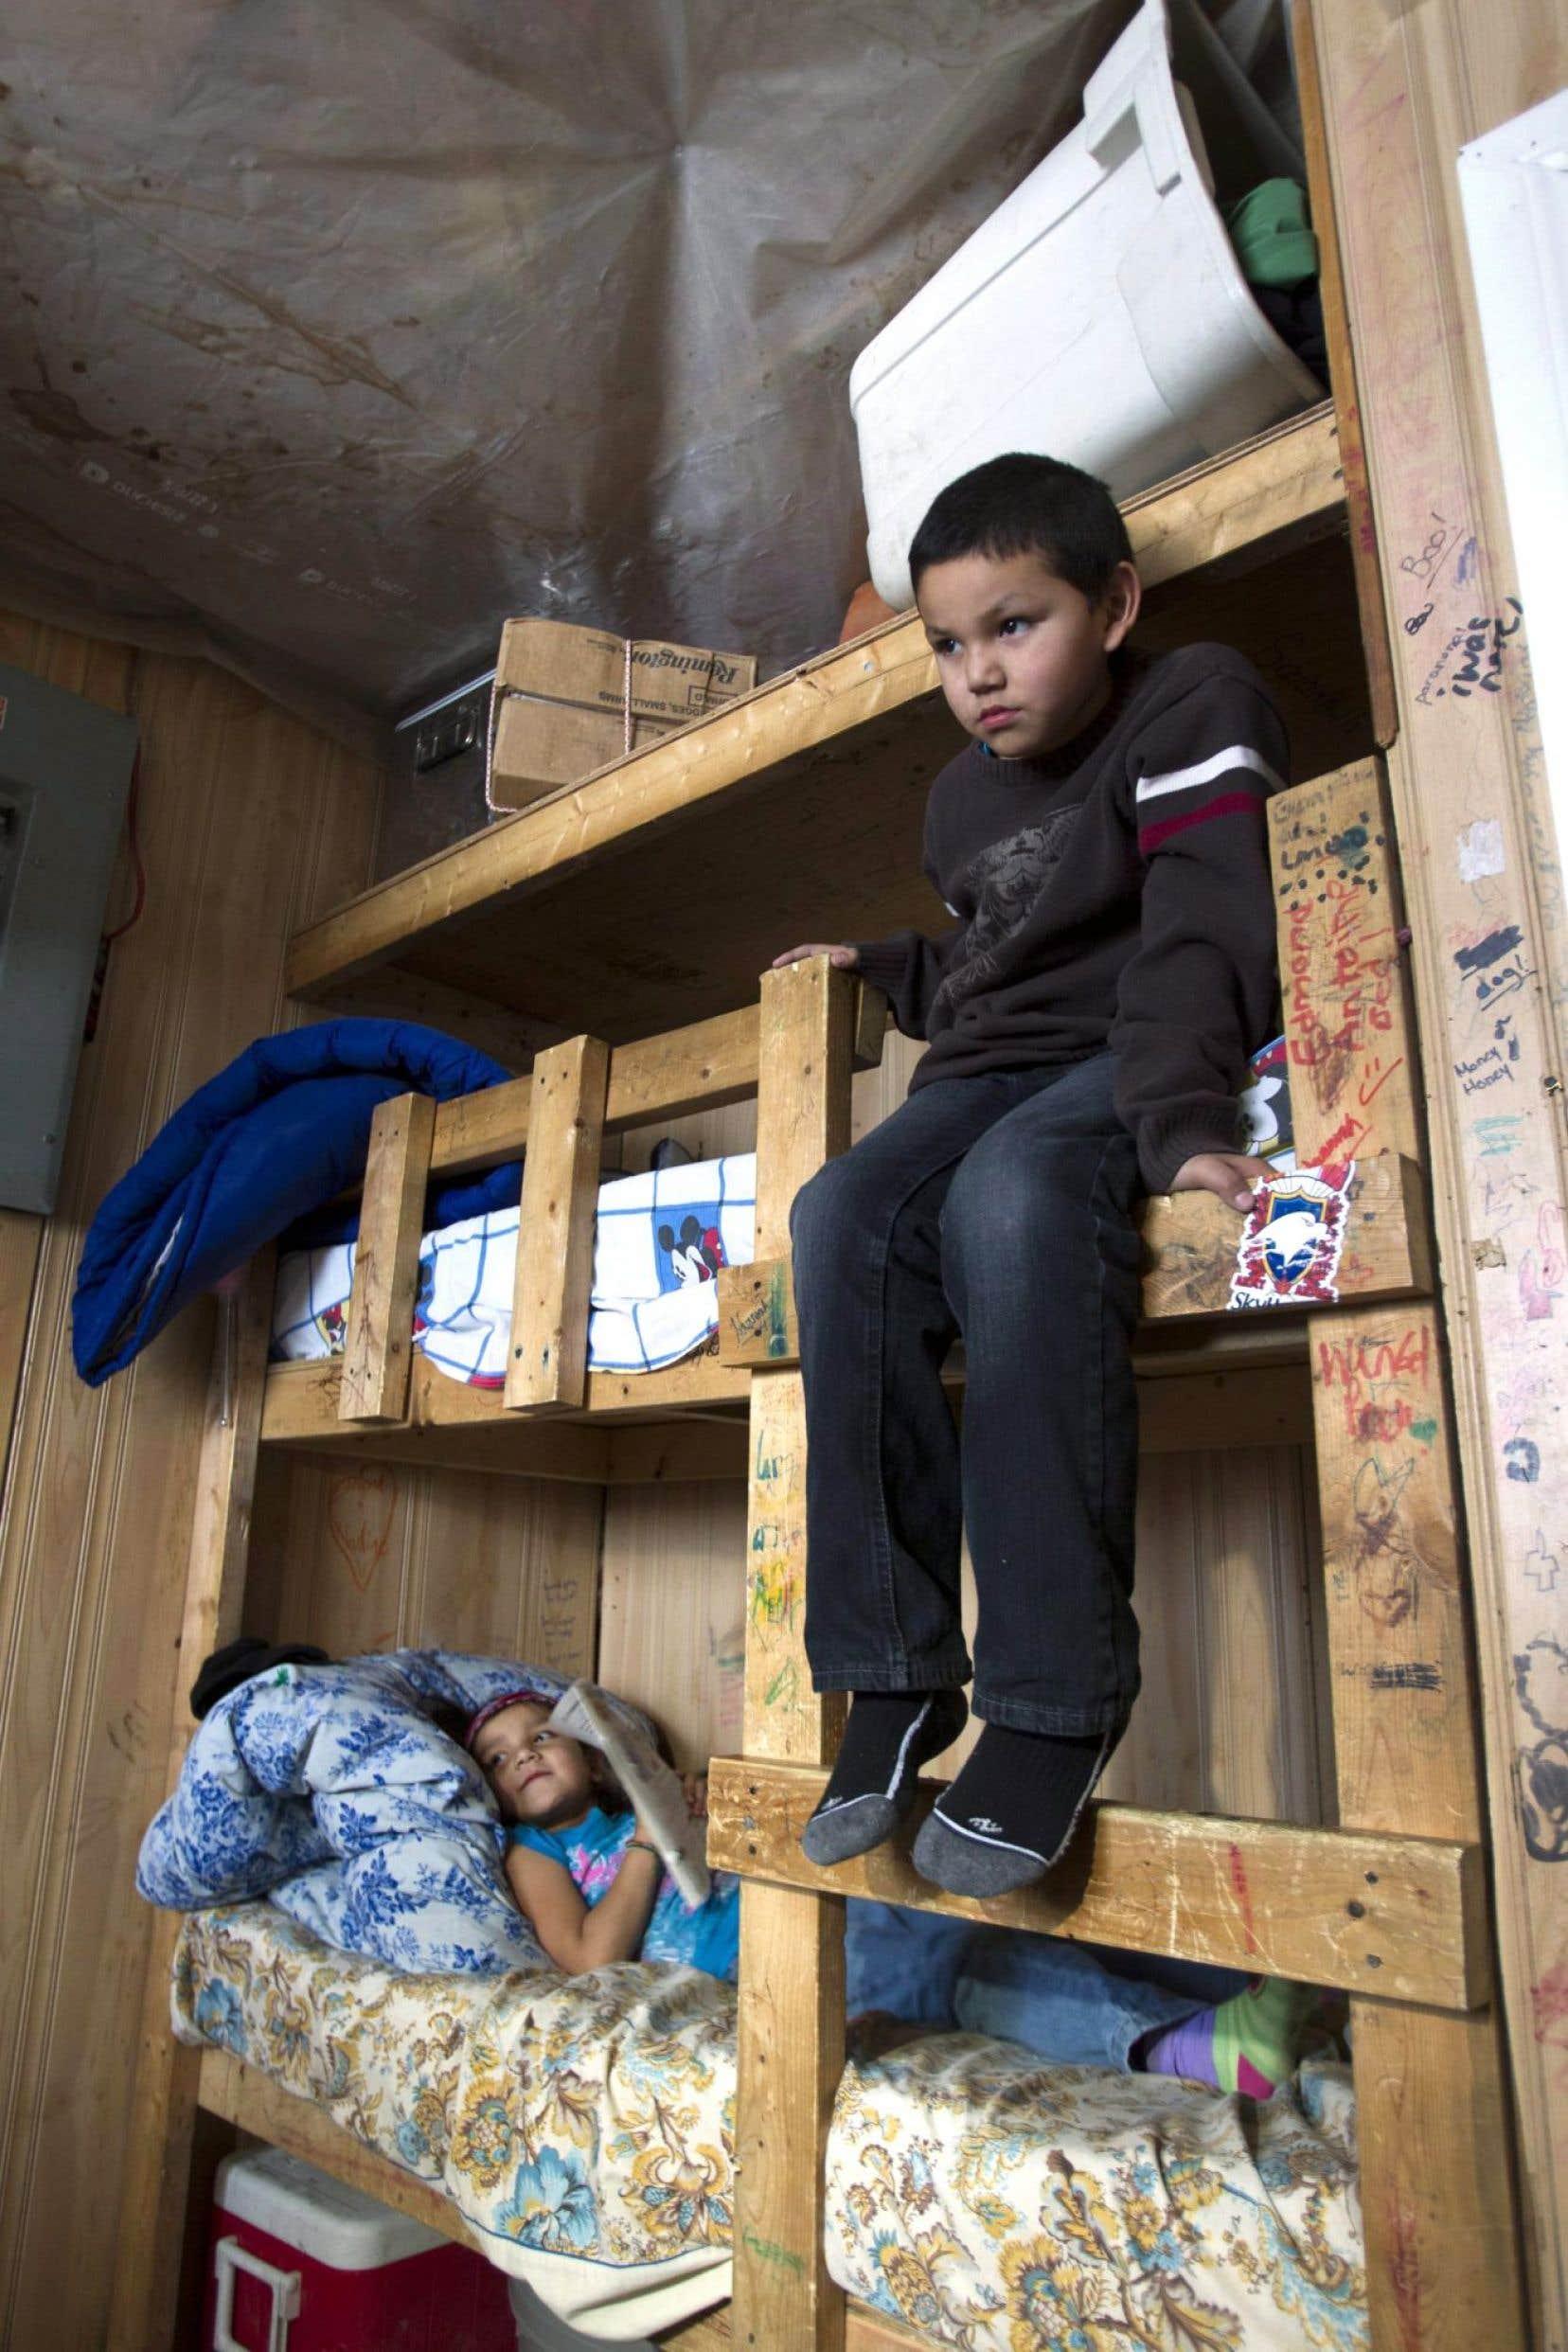 Les conditions de vie des autochtones canadiens contribuent aux taux élevé de prise en charge. Une vingtaine de personnes vivent dans cette maison de la communauté d'Attawapiskat, en Ontario.